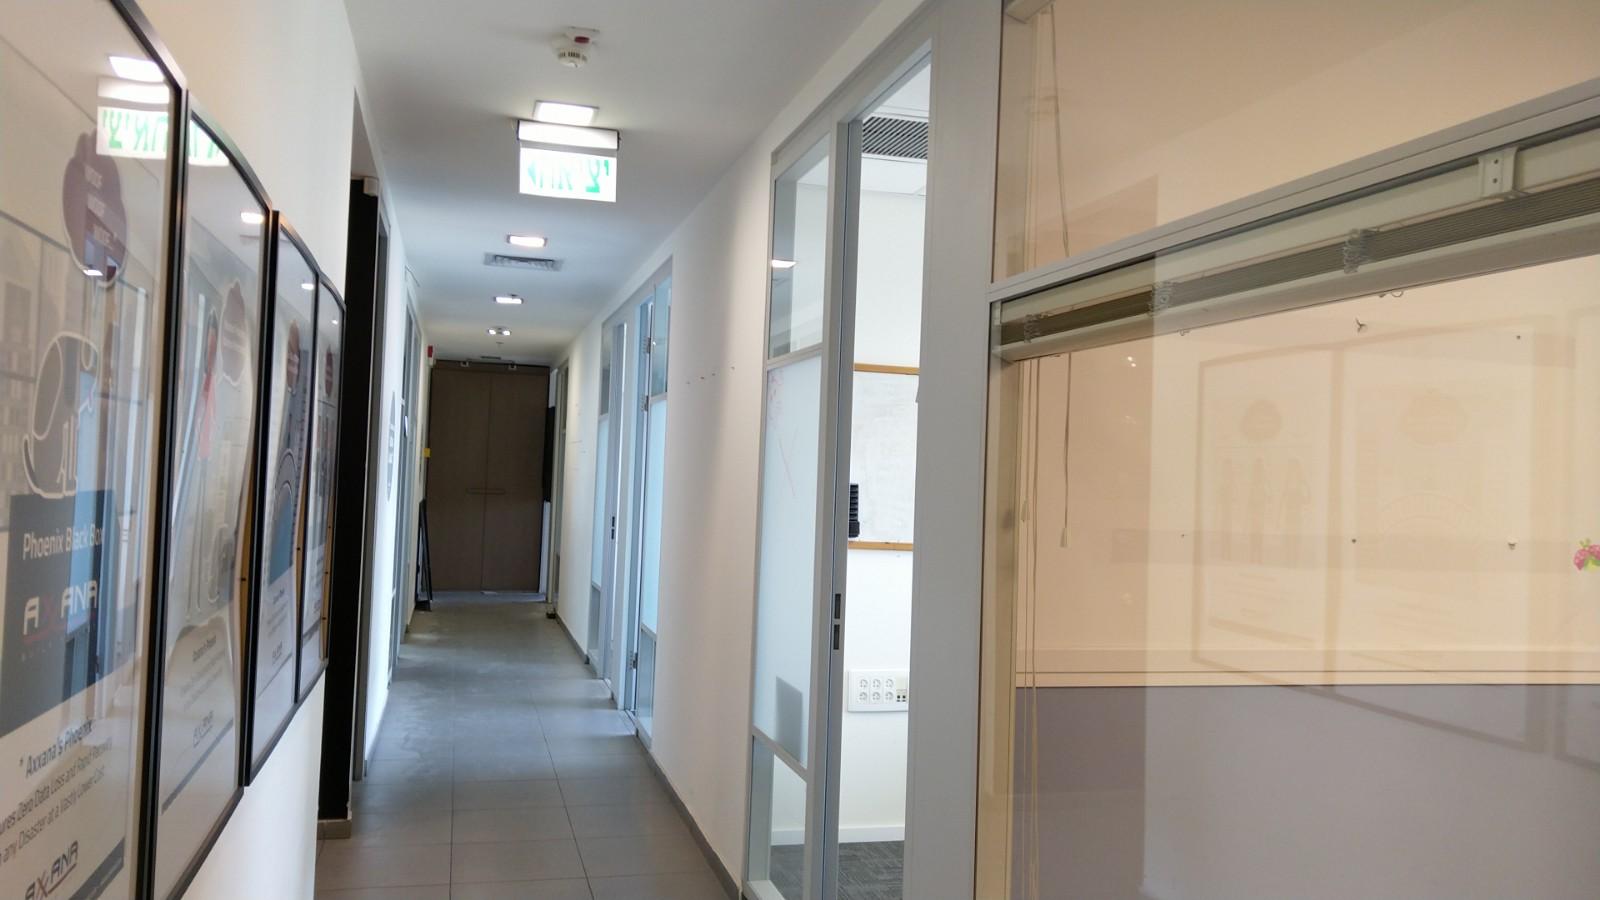 תמונה 3 ,משרדים להשכרה הברזל  משרד מואר 370 מר  רמת החייל תל אביב יפו